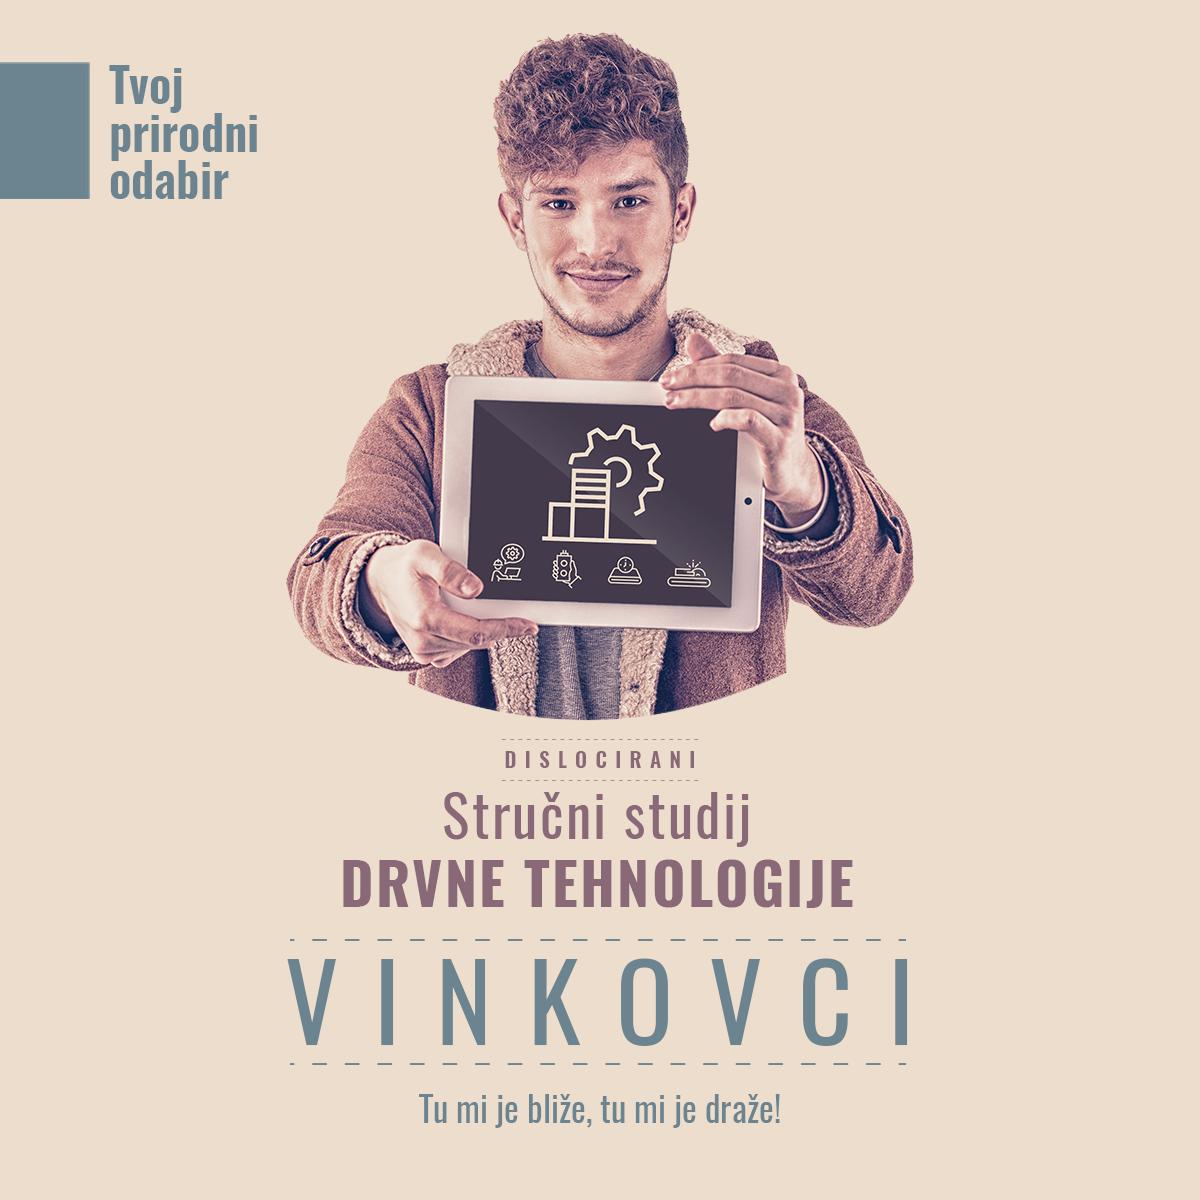 studij_drvne_tehnologije_Vinkovci